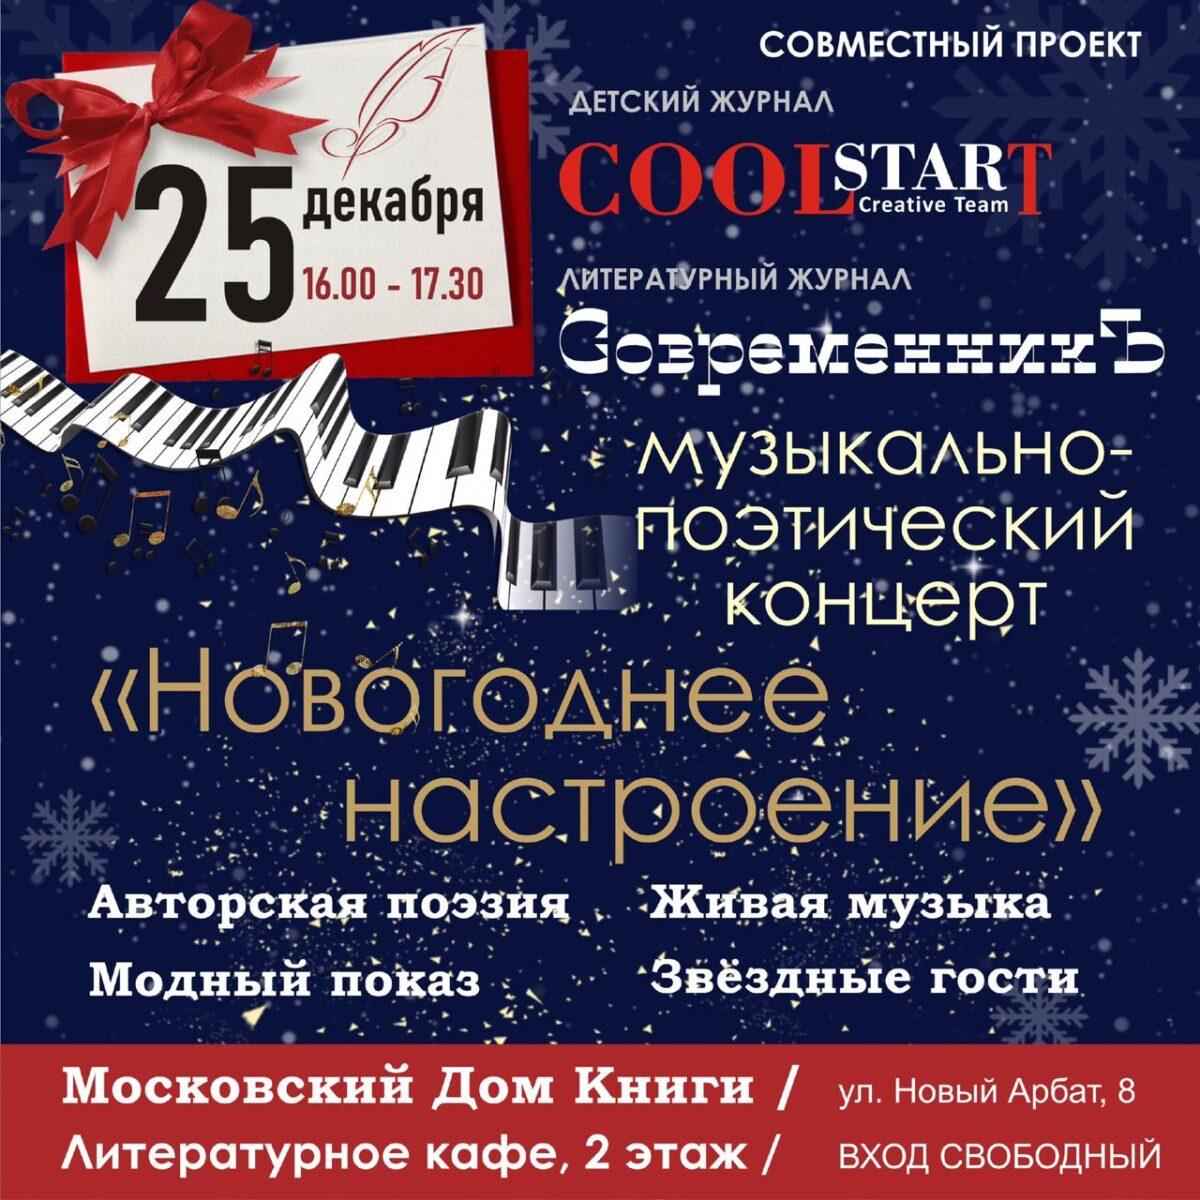 Музыкально-поэтический концерт 25 декабря 2019